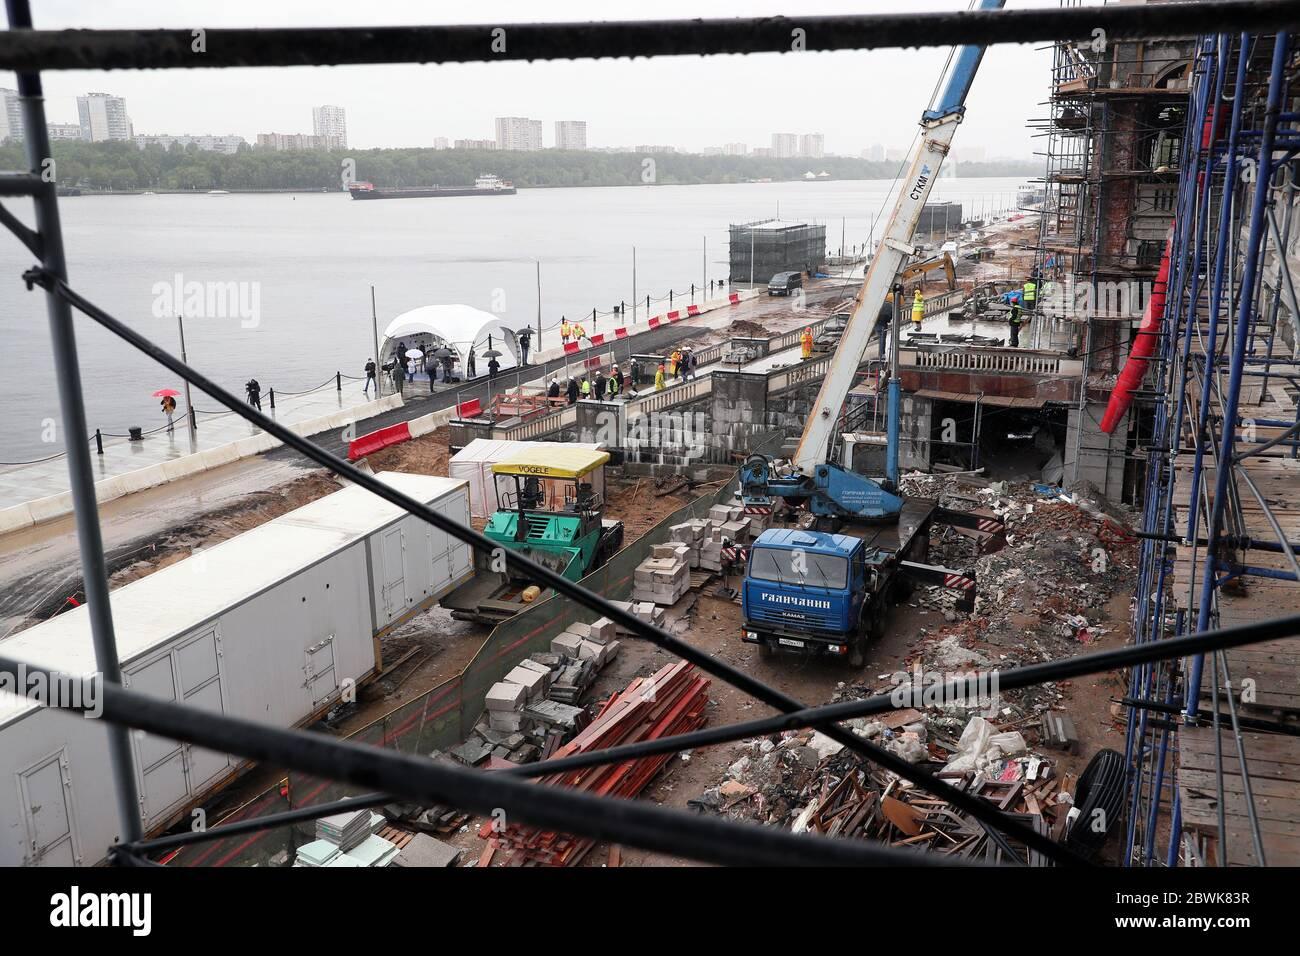 Moscú, Rusia. 2 de junio de 2020. Se están realizando obras de mejora en la terminal del río Norte. Crédito: Gavriil Grigorov/TASS/Alamy Live News Foto de stock